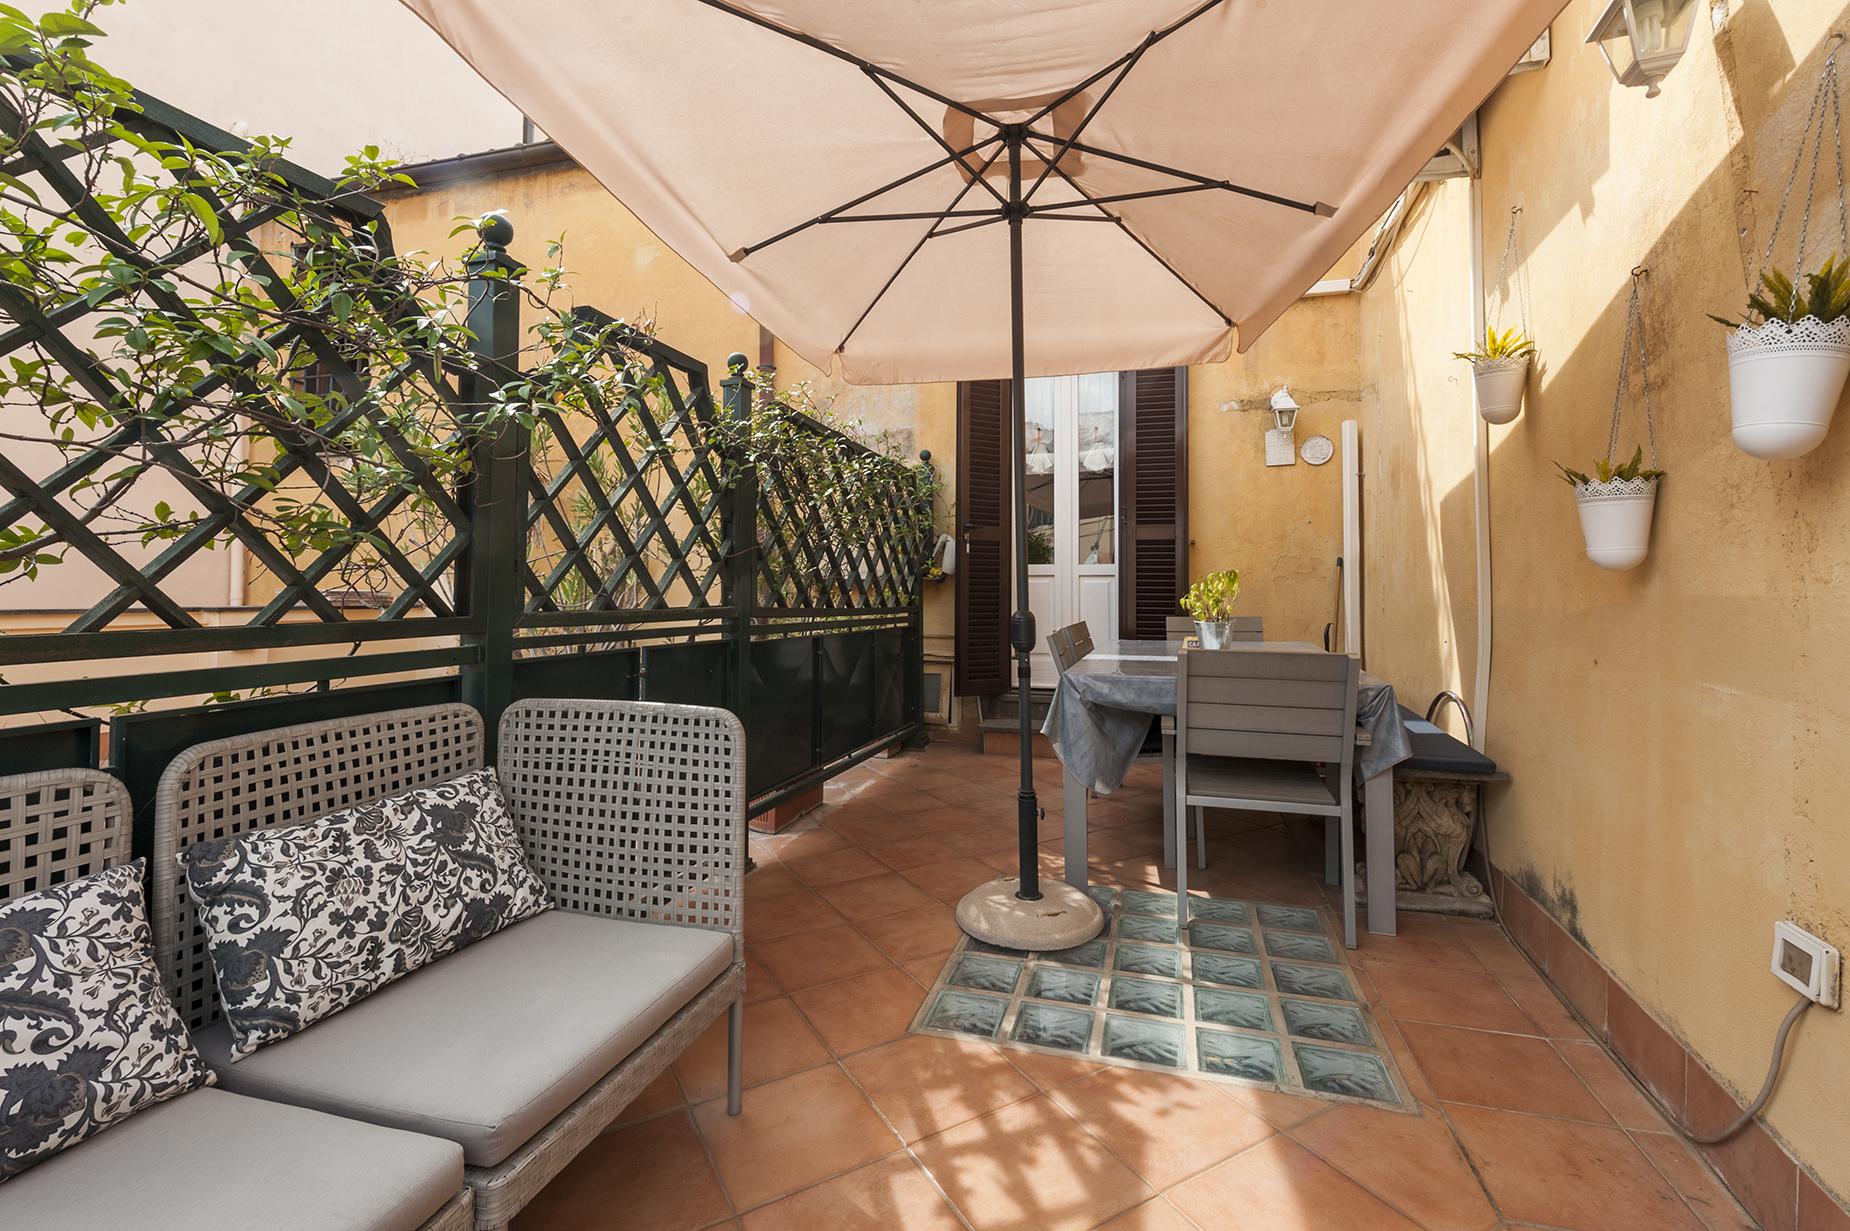 Appartamento di lusso in affitto a roma vico vicolo for Locali uso ufficio in affitto a roma